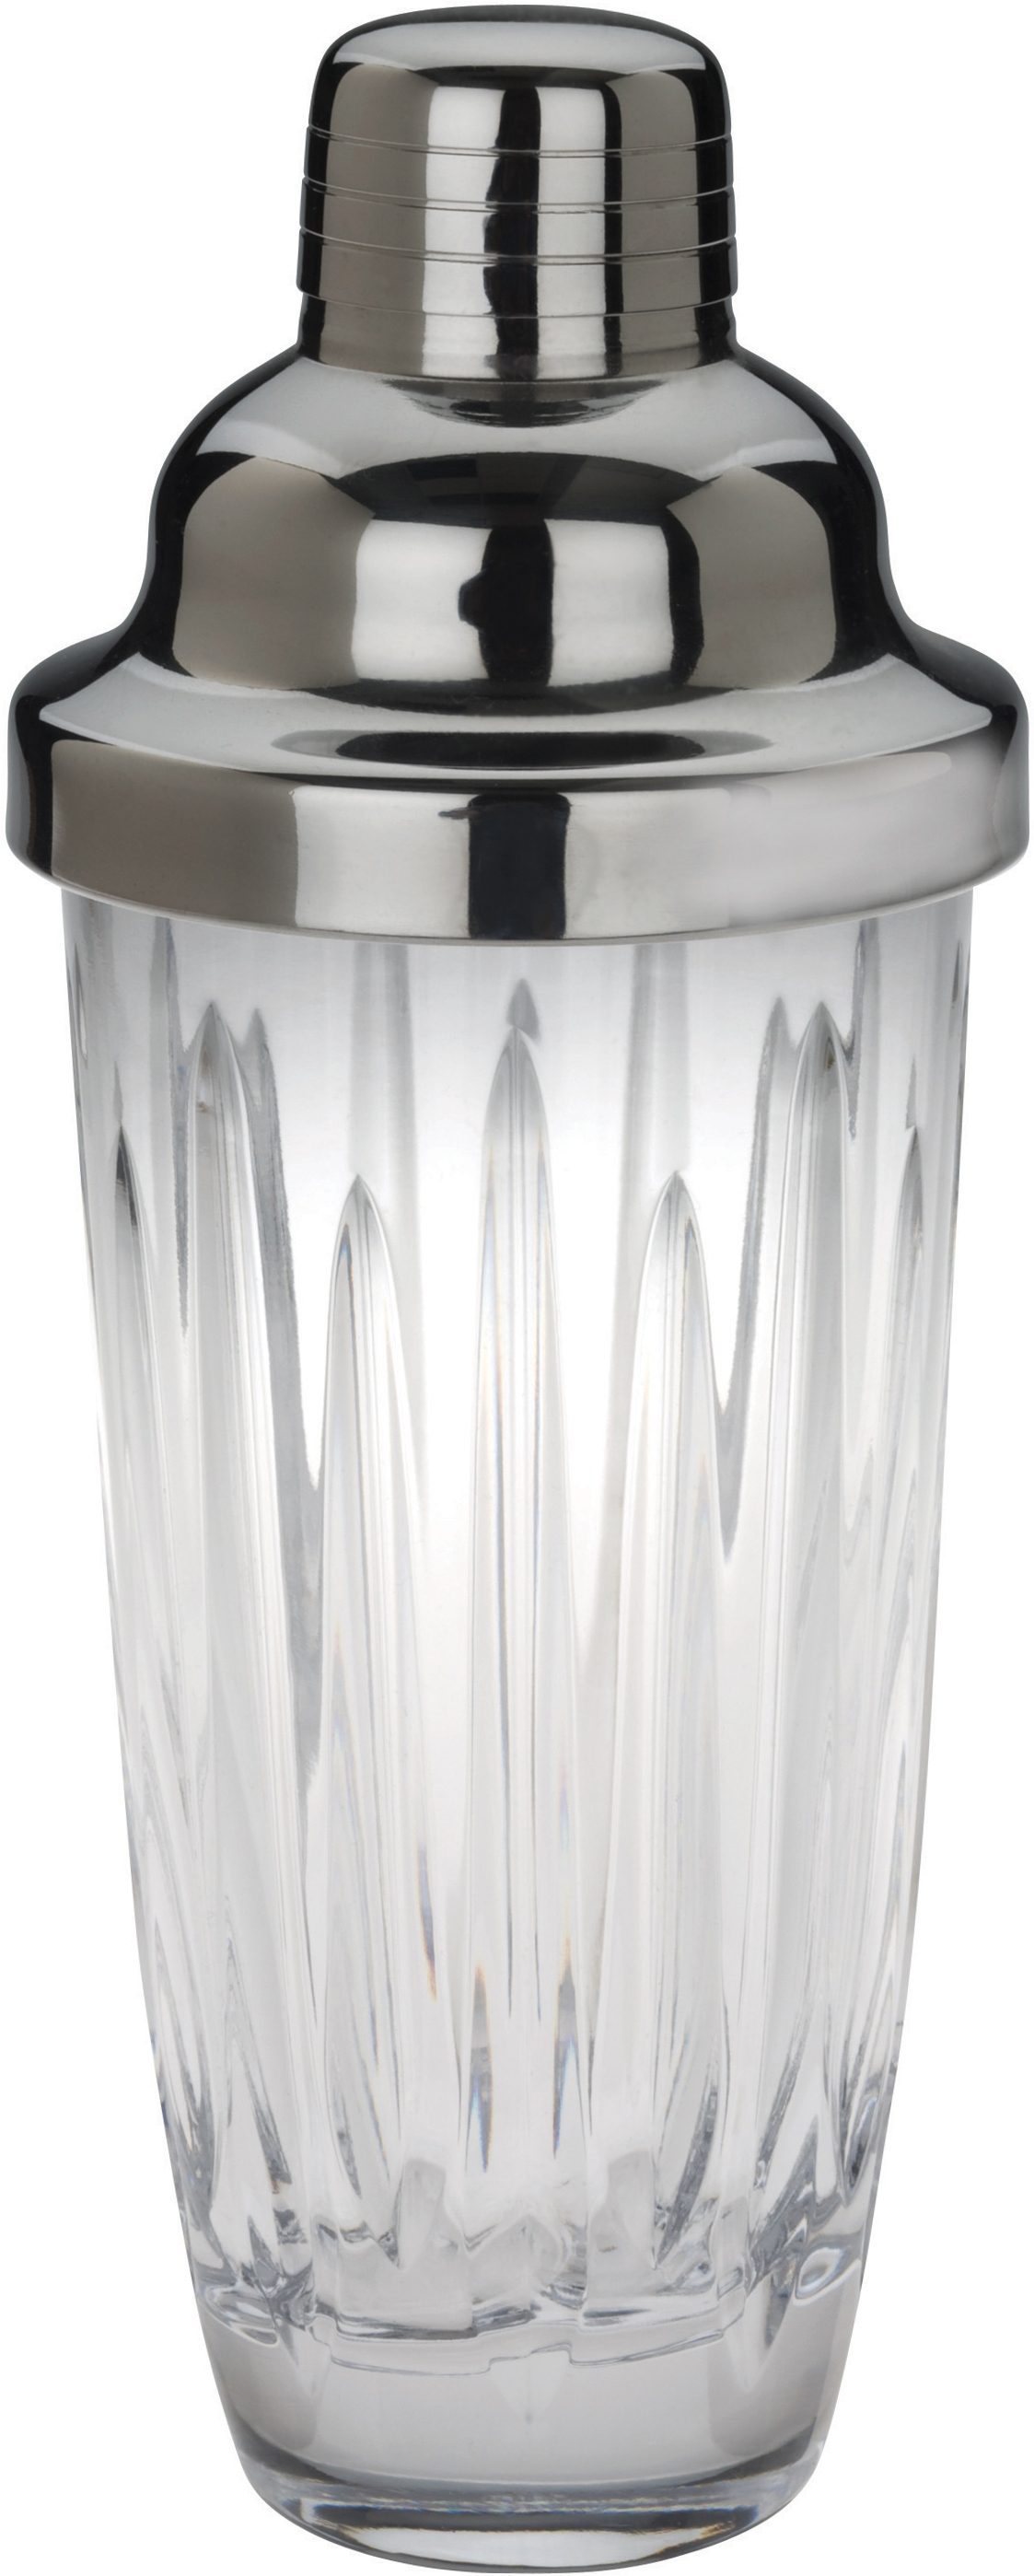 Reed & Barton Soho Crystal Martini Shaker